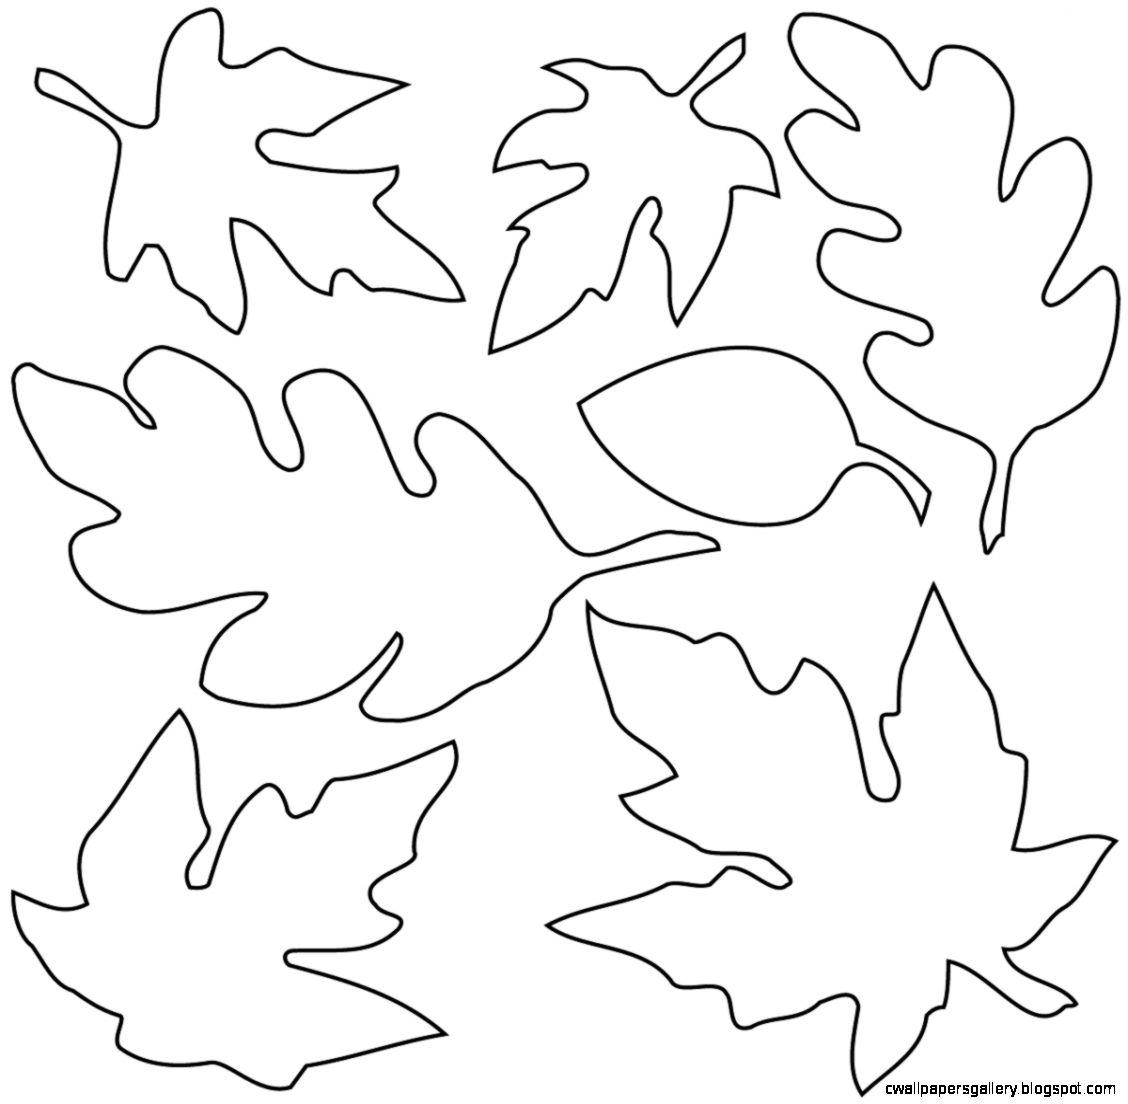 Bush clipart black and white. Leaves cilpart splendid design